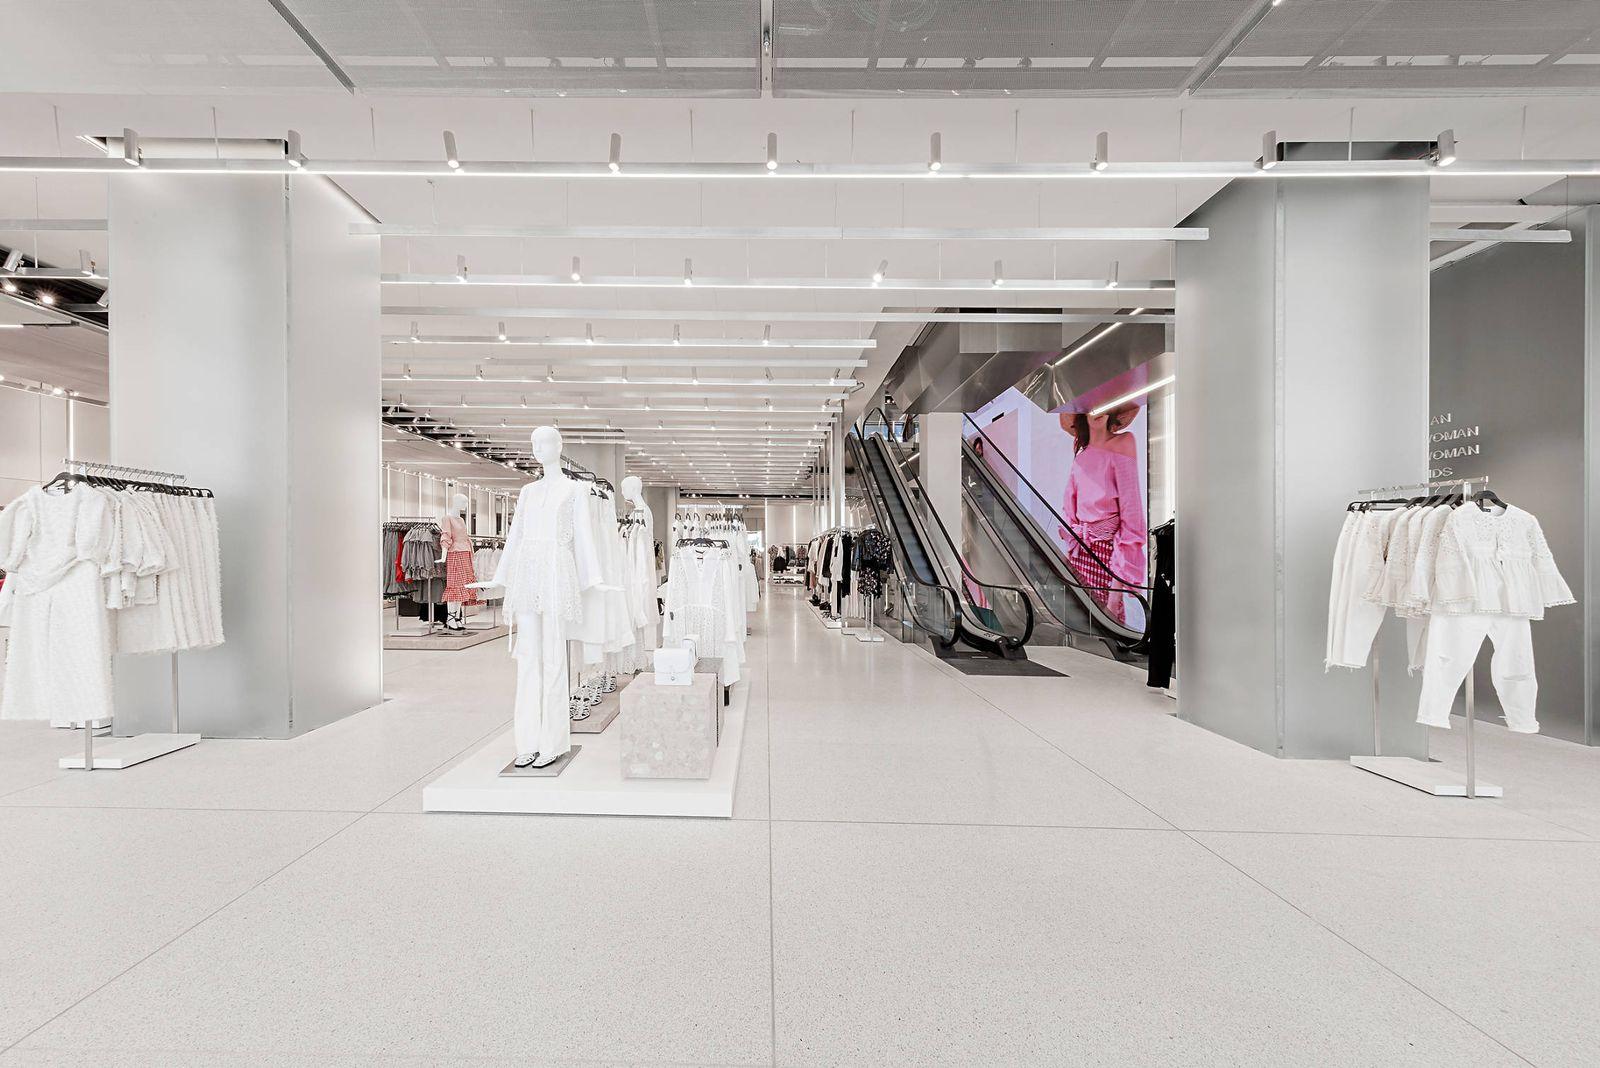 Tiempo de día Vibrar acre  Noticias de Inditex: Cuánto cuesta una flagship: Inditex invierte 600  millones en transformar sus tiendas